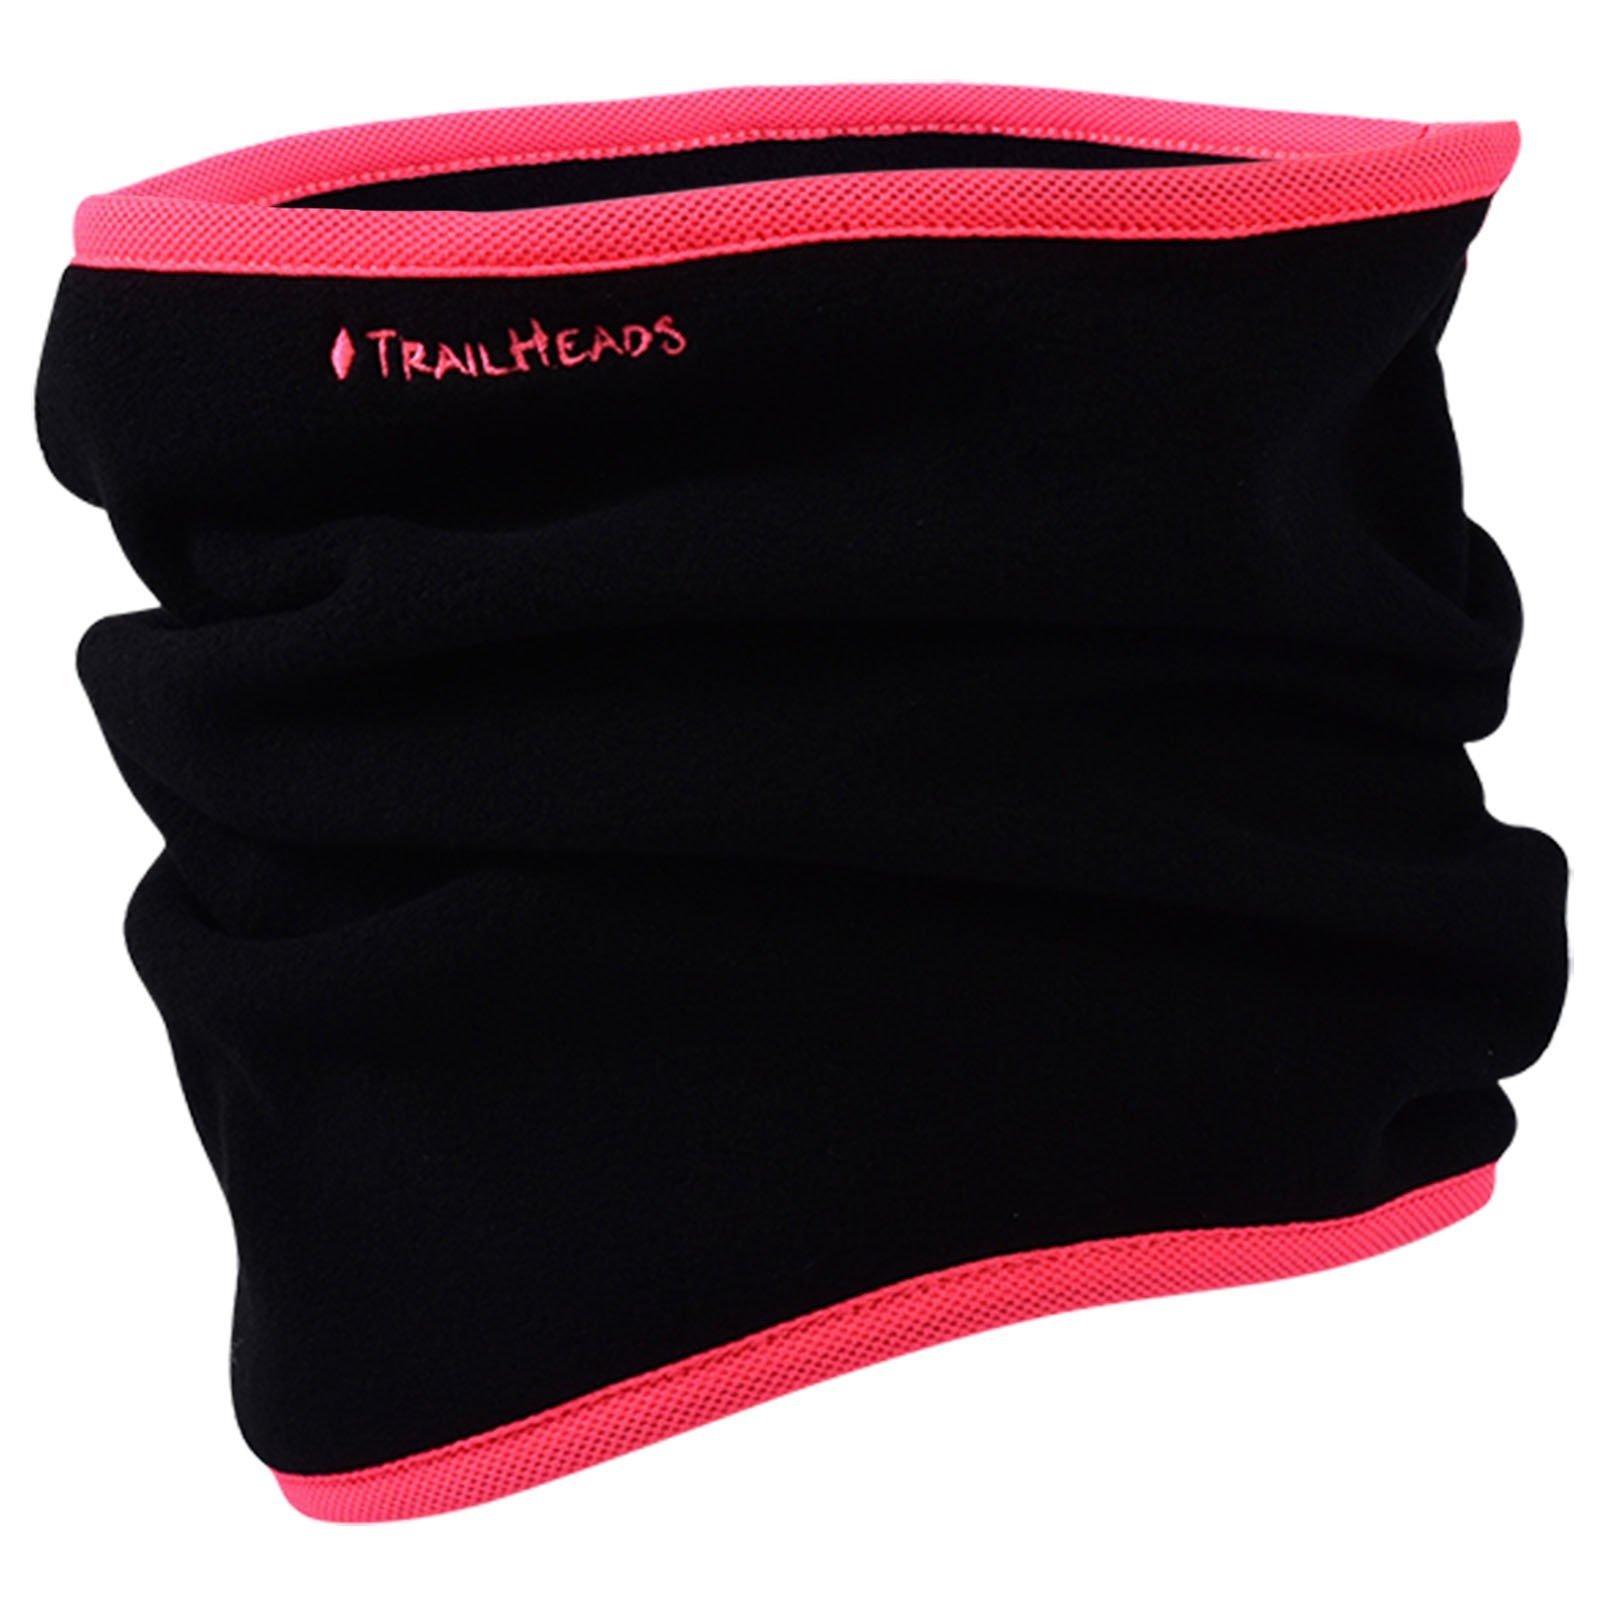 TrailHeads Fleece Neck Warmer/Gaiter - black/bright coral